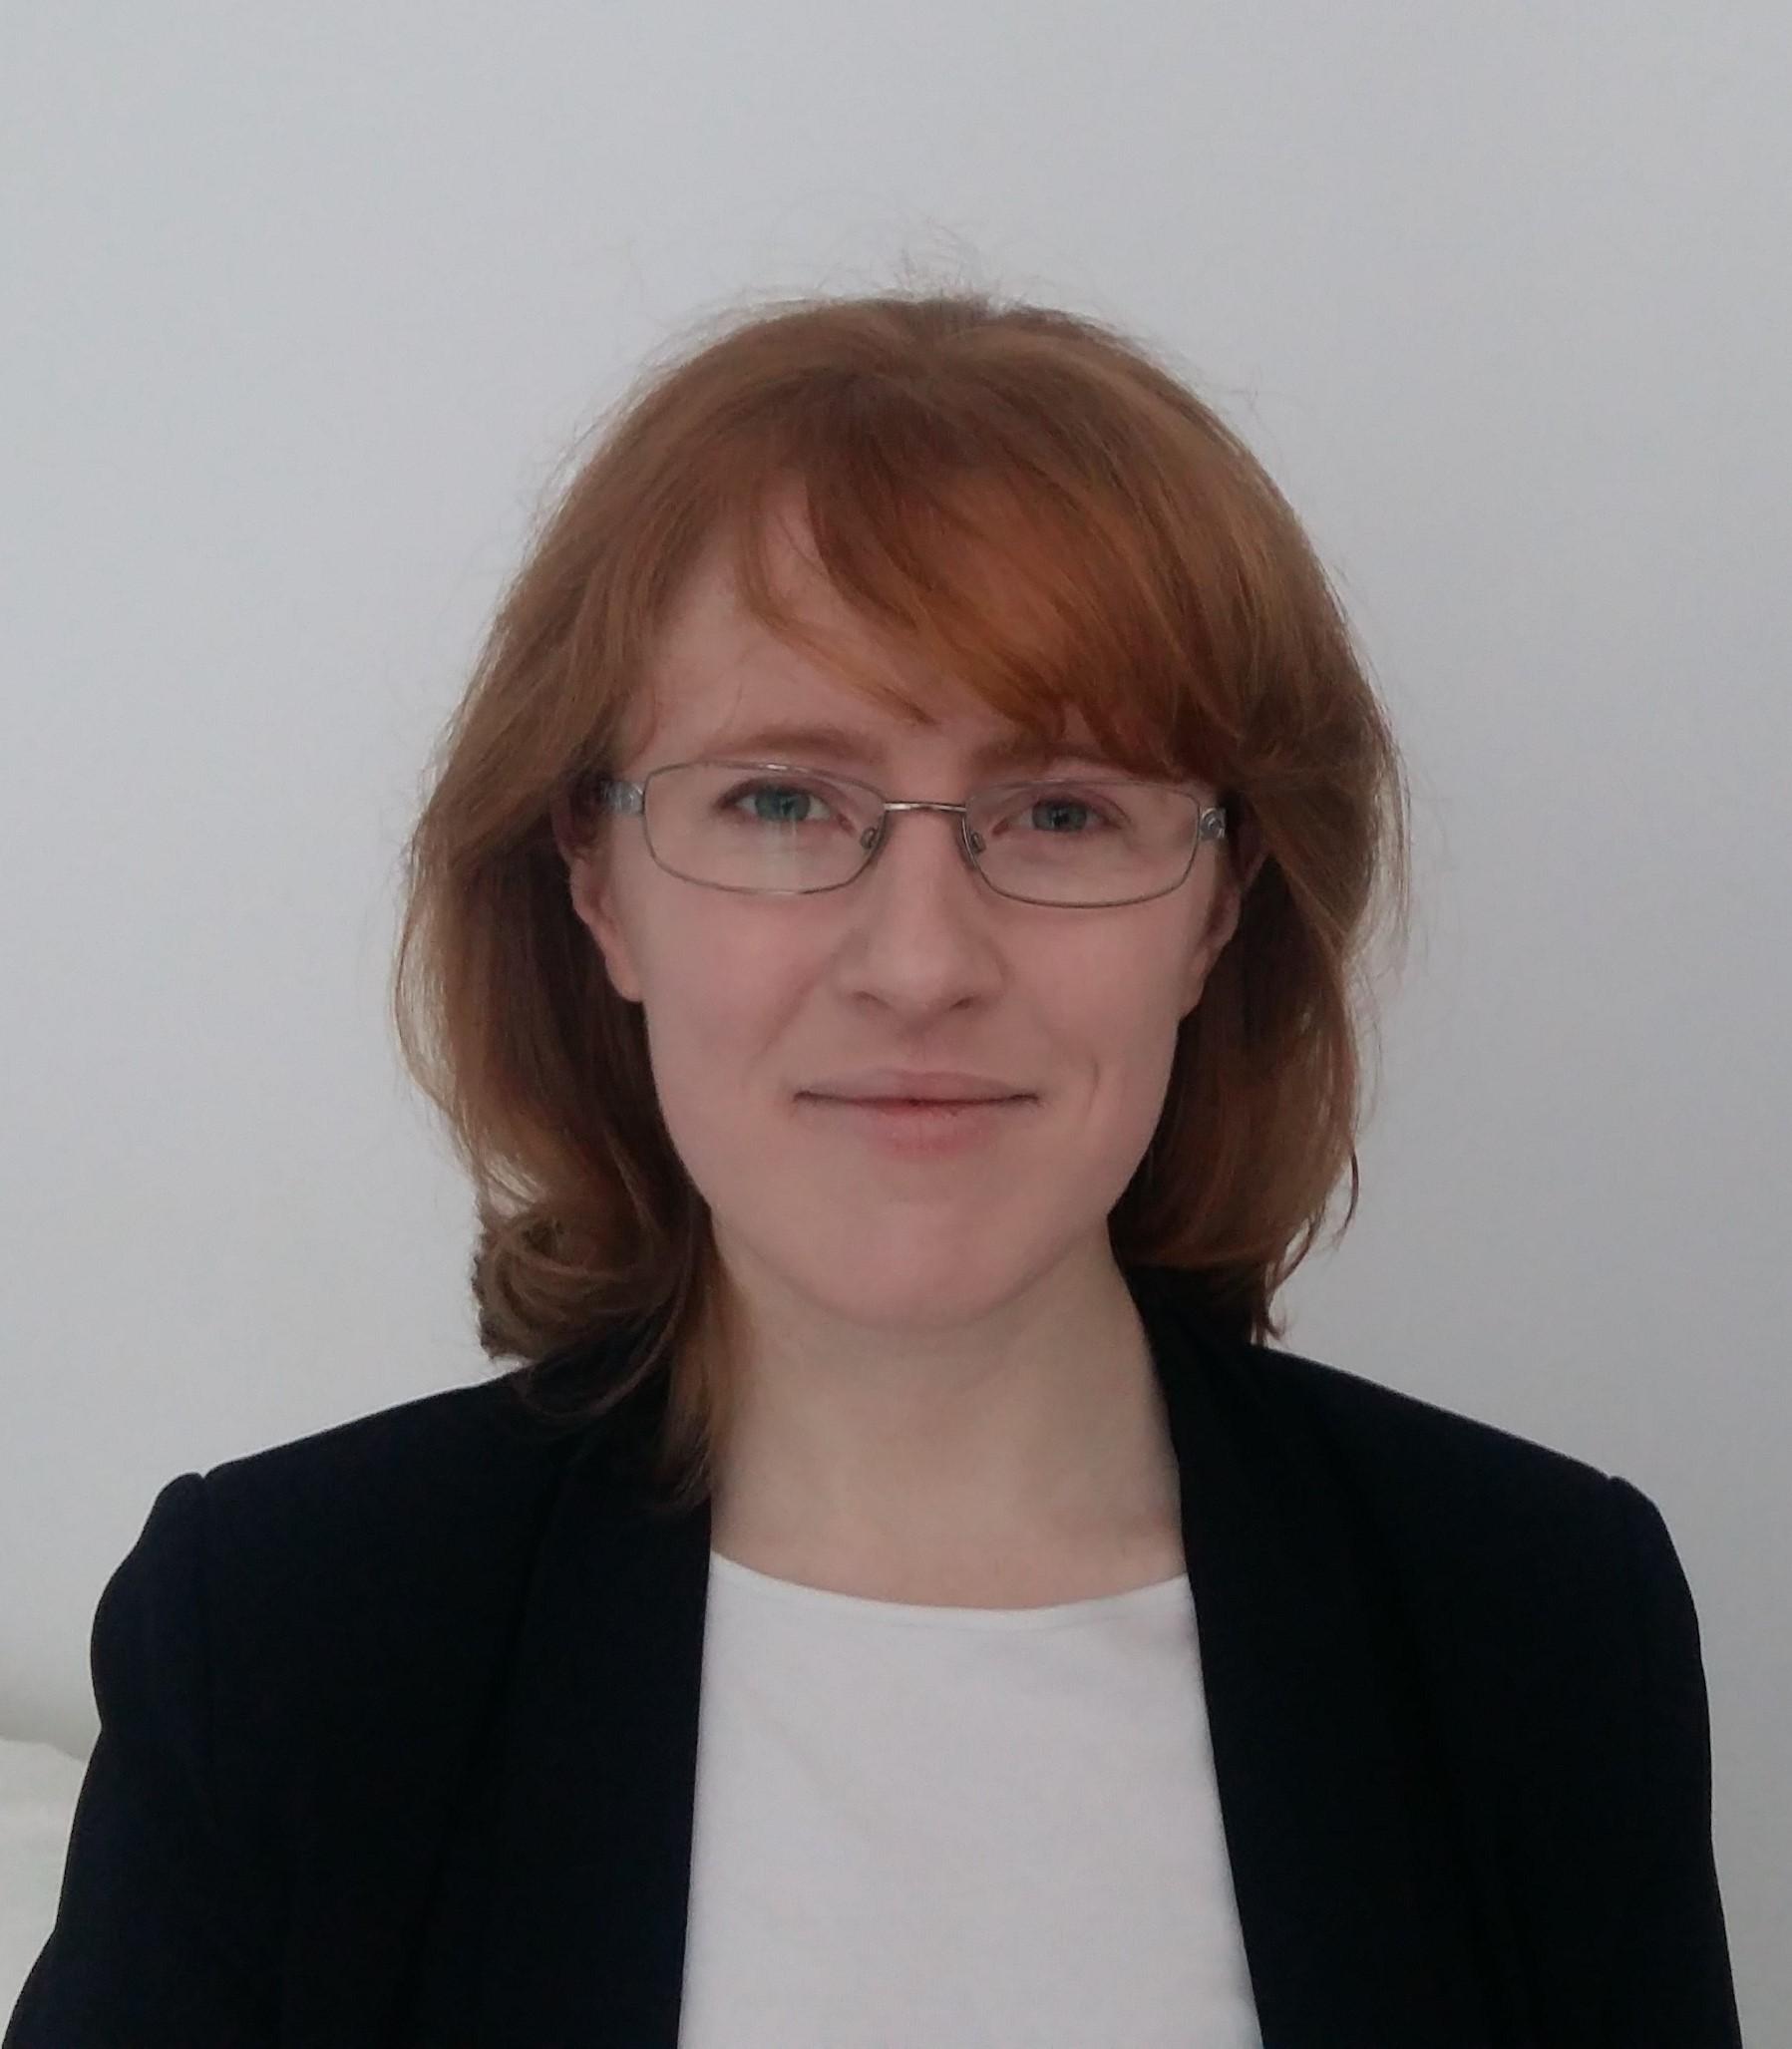 Joelle Grogan